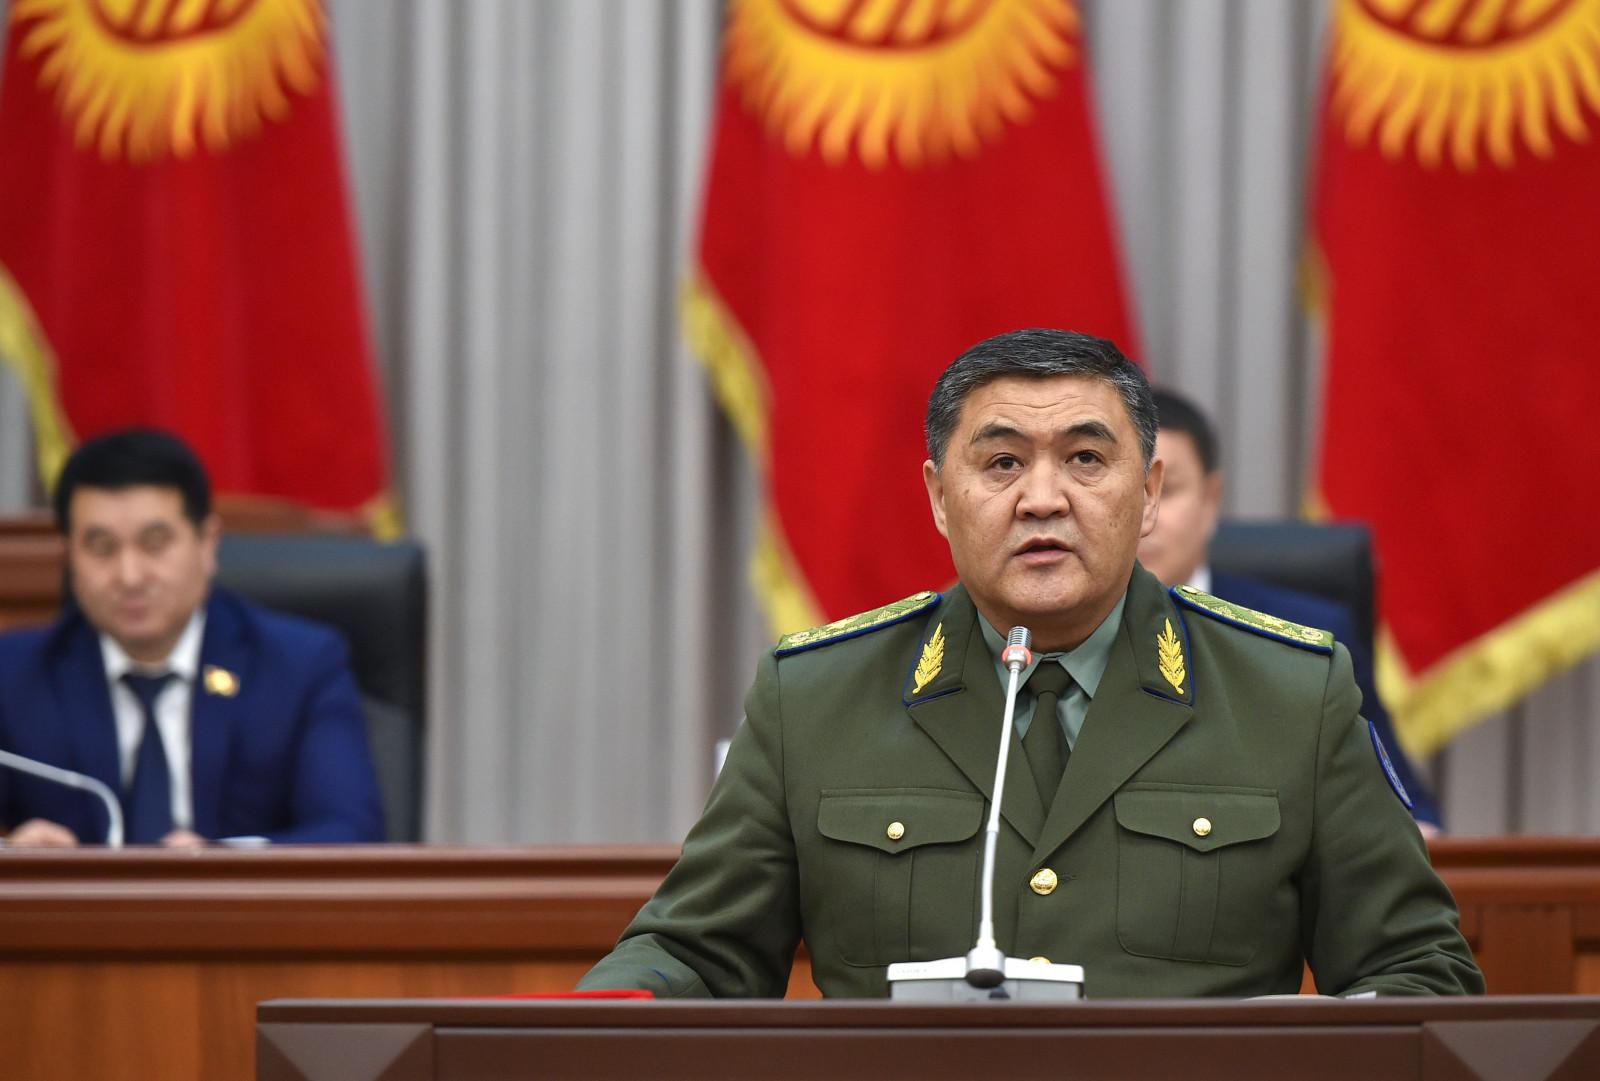 «Гнусная ложь». В ГКНБ назвали «фейком» обращение к президенту с просьбой отстранить Ташиева от должности